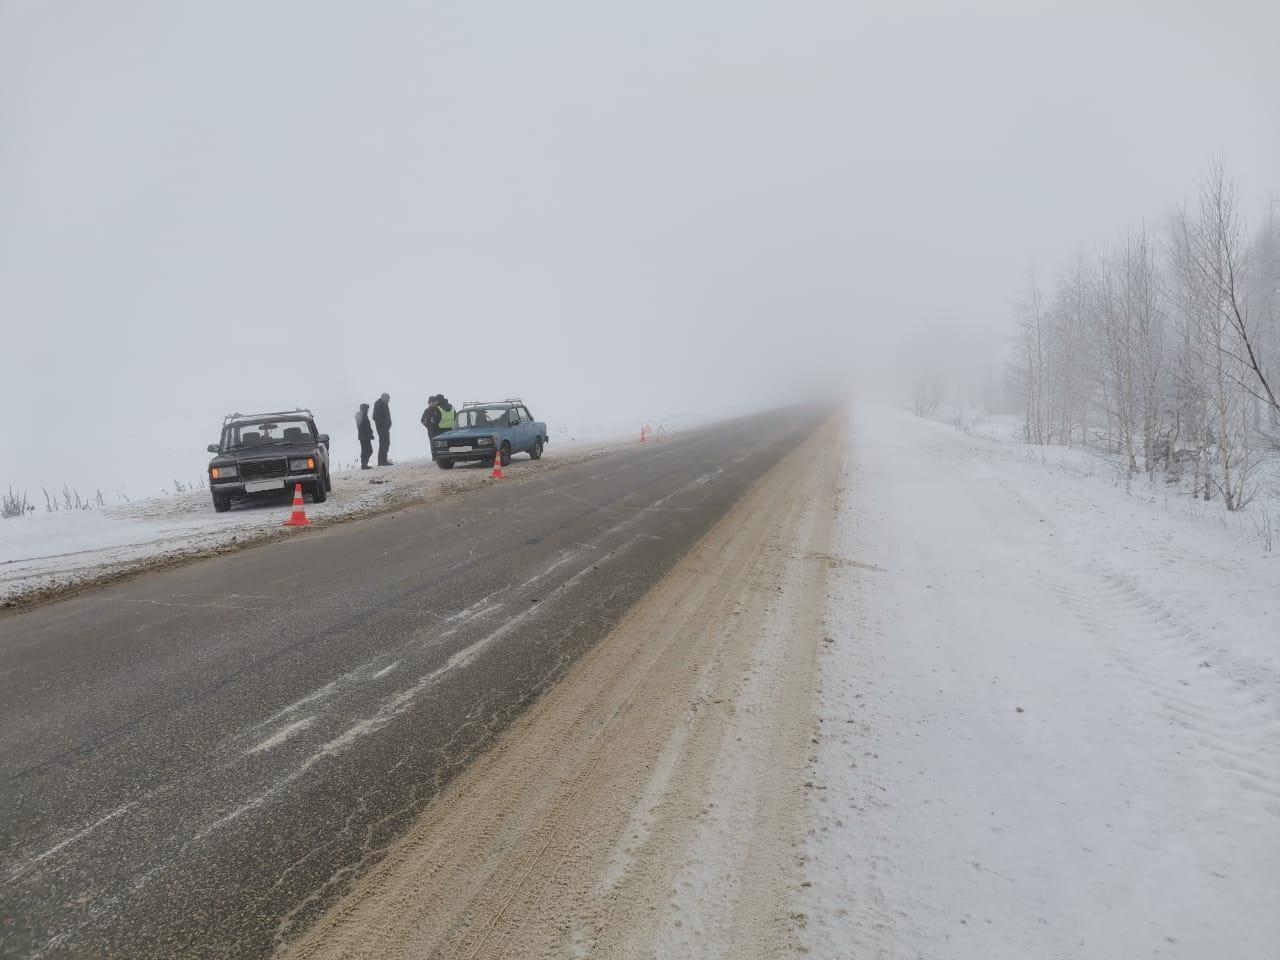 ДТП из прошлого: Под Тольятти в тумане водитель «пятерки» врезался в «семерку»